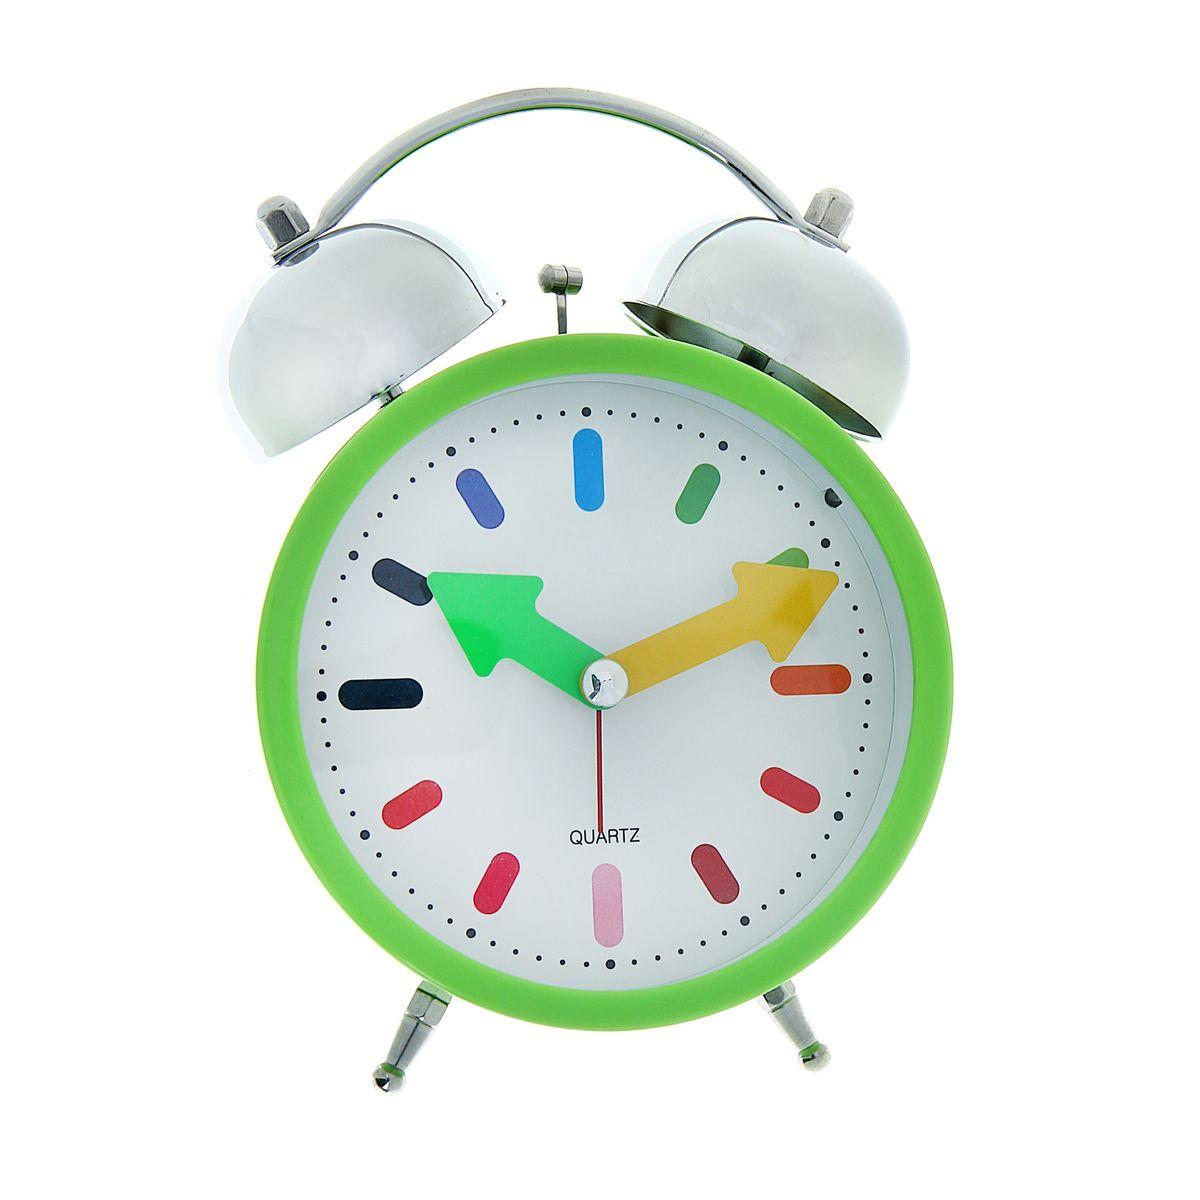 Часы-будильник Sima-land Яркое утро1056424Как же сложно иногда вставать вовремя! Всегда так хочется поспать еще хотя бы 5 минут ибывает, что мы просыпаем. Теперь этого не случится! Яркий, оригинальный будильник Sima-land Яркое утропоможет вам всегда ставать в нужное время и успевать везде и всюду. Будильник украсит вашукомнату и приведет в восхищение друзей. Точно показывает время и будит вустановленный час. На задней панели будильника расположены переключательвключения/выключения механизма, атакже два колесика для настройки текущего времени и времени звонка будильника.Будильник работает от двух батареек типа AA напряжением 1,5V (не входит в комплект).